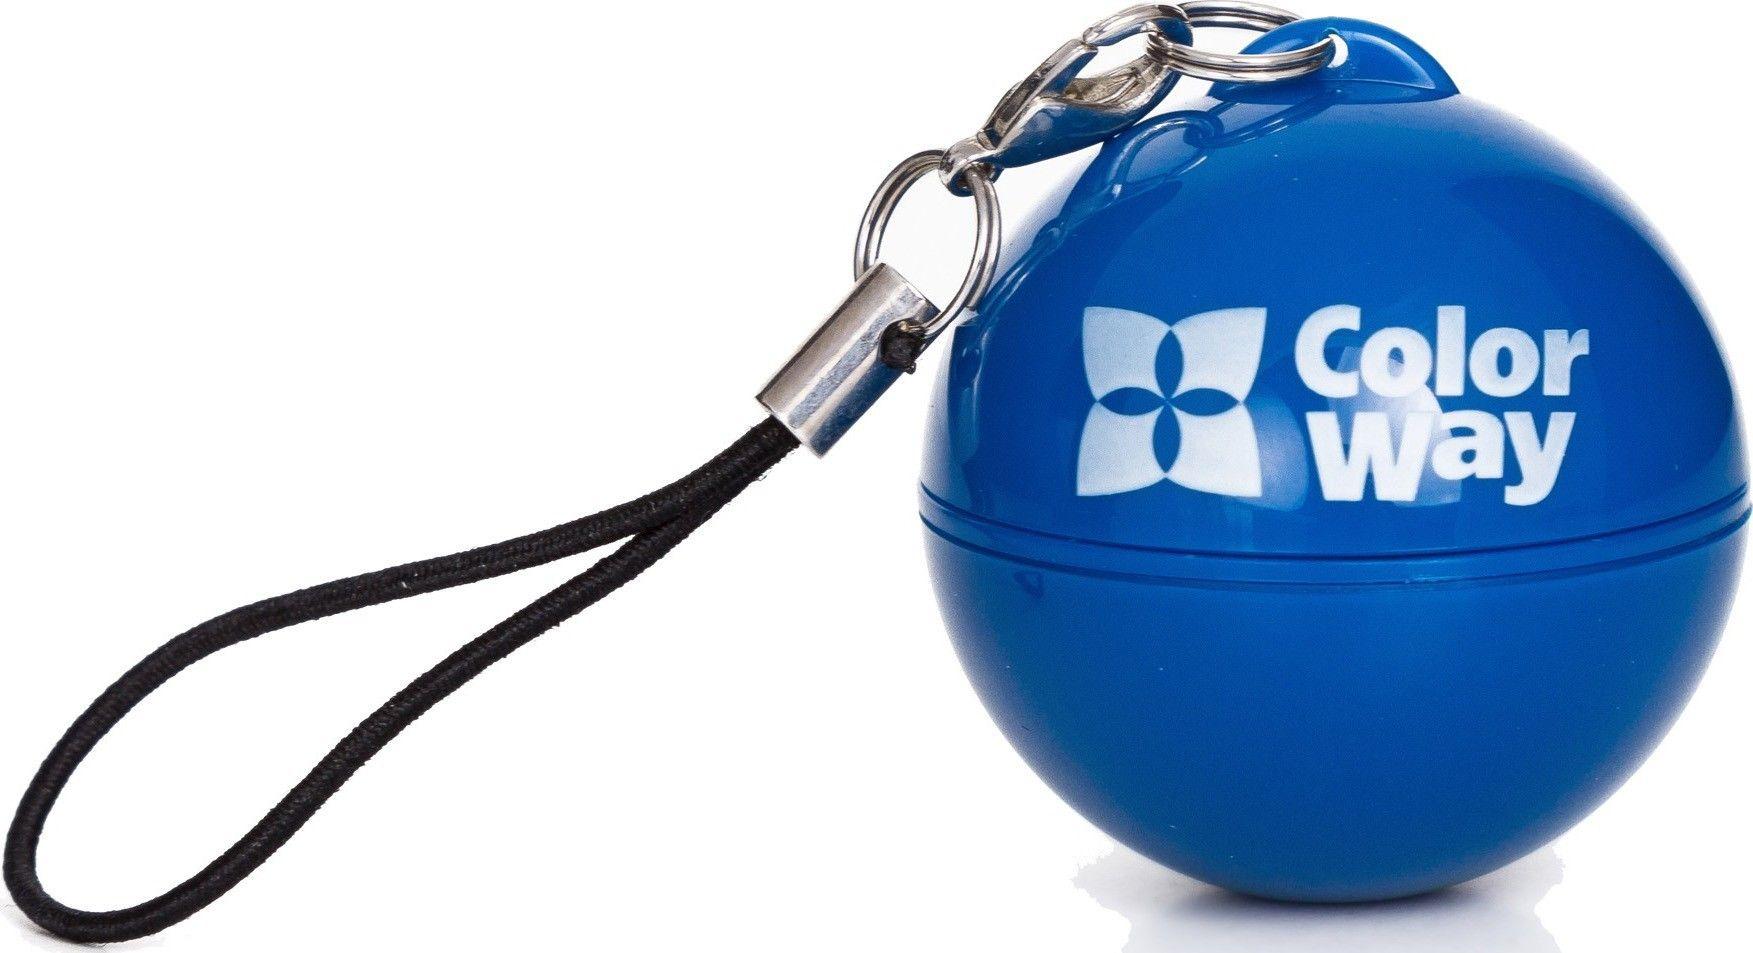 Портативная акустика ColorWay CW-002 вибро blue - Фото 1